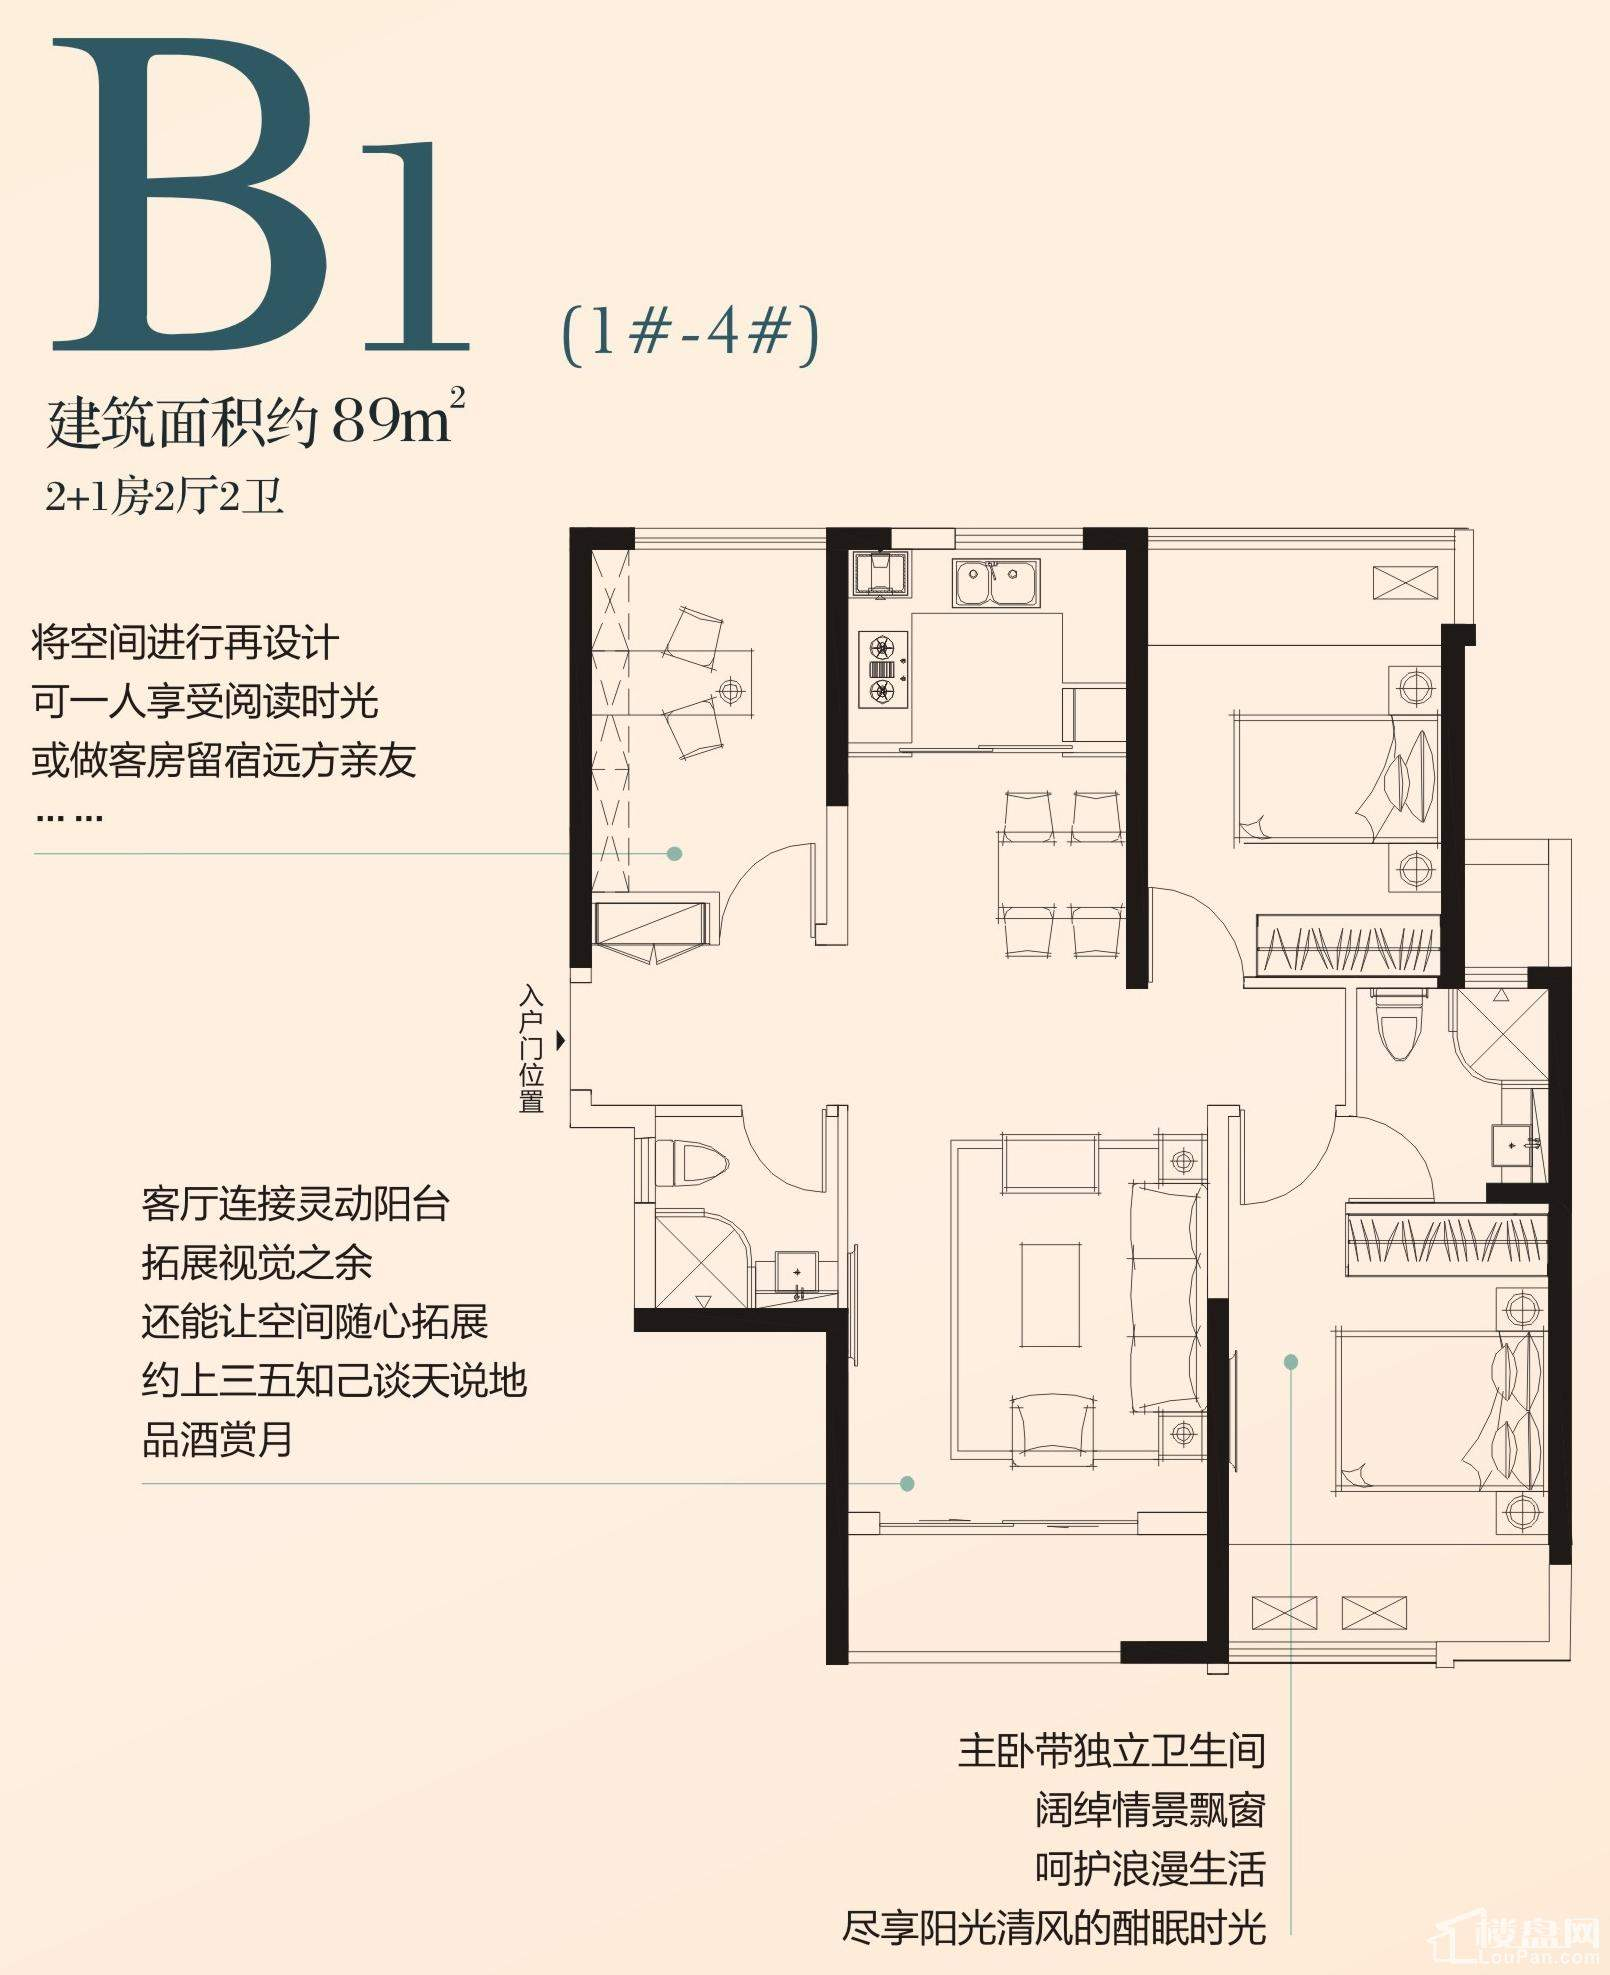 B1户型(1#-4#)